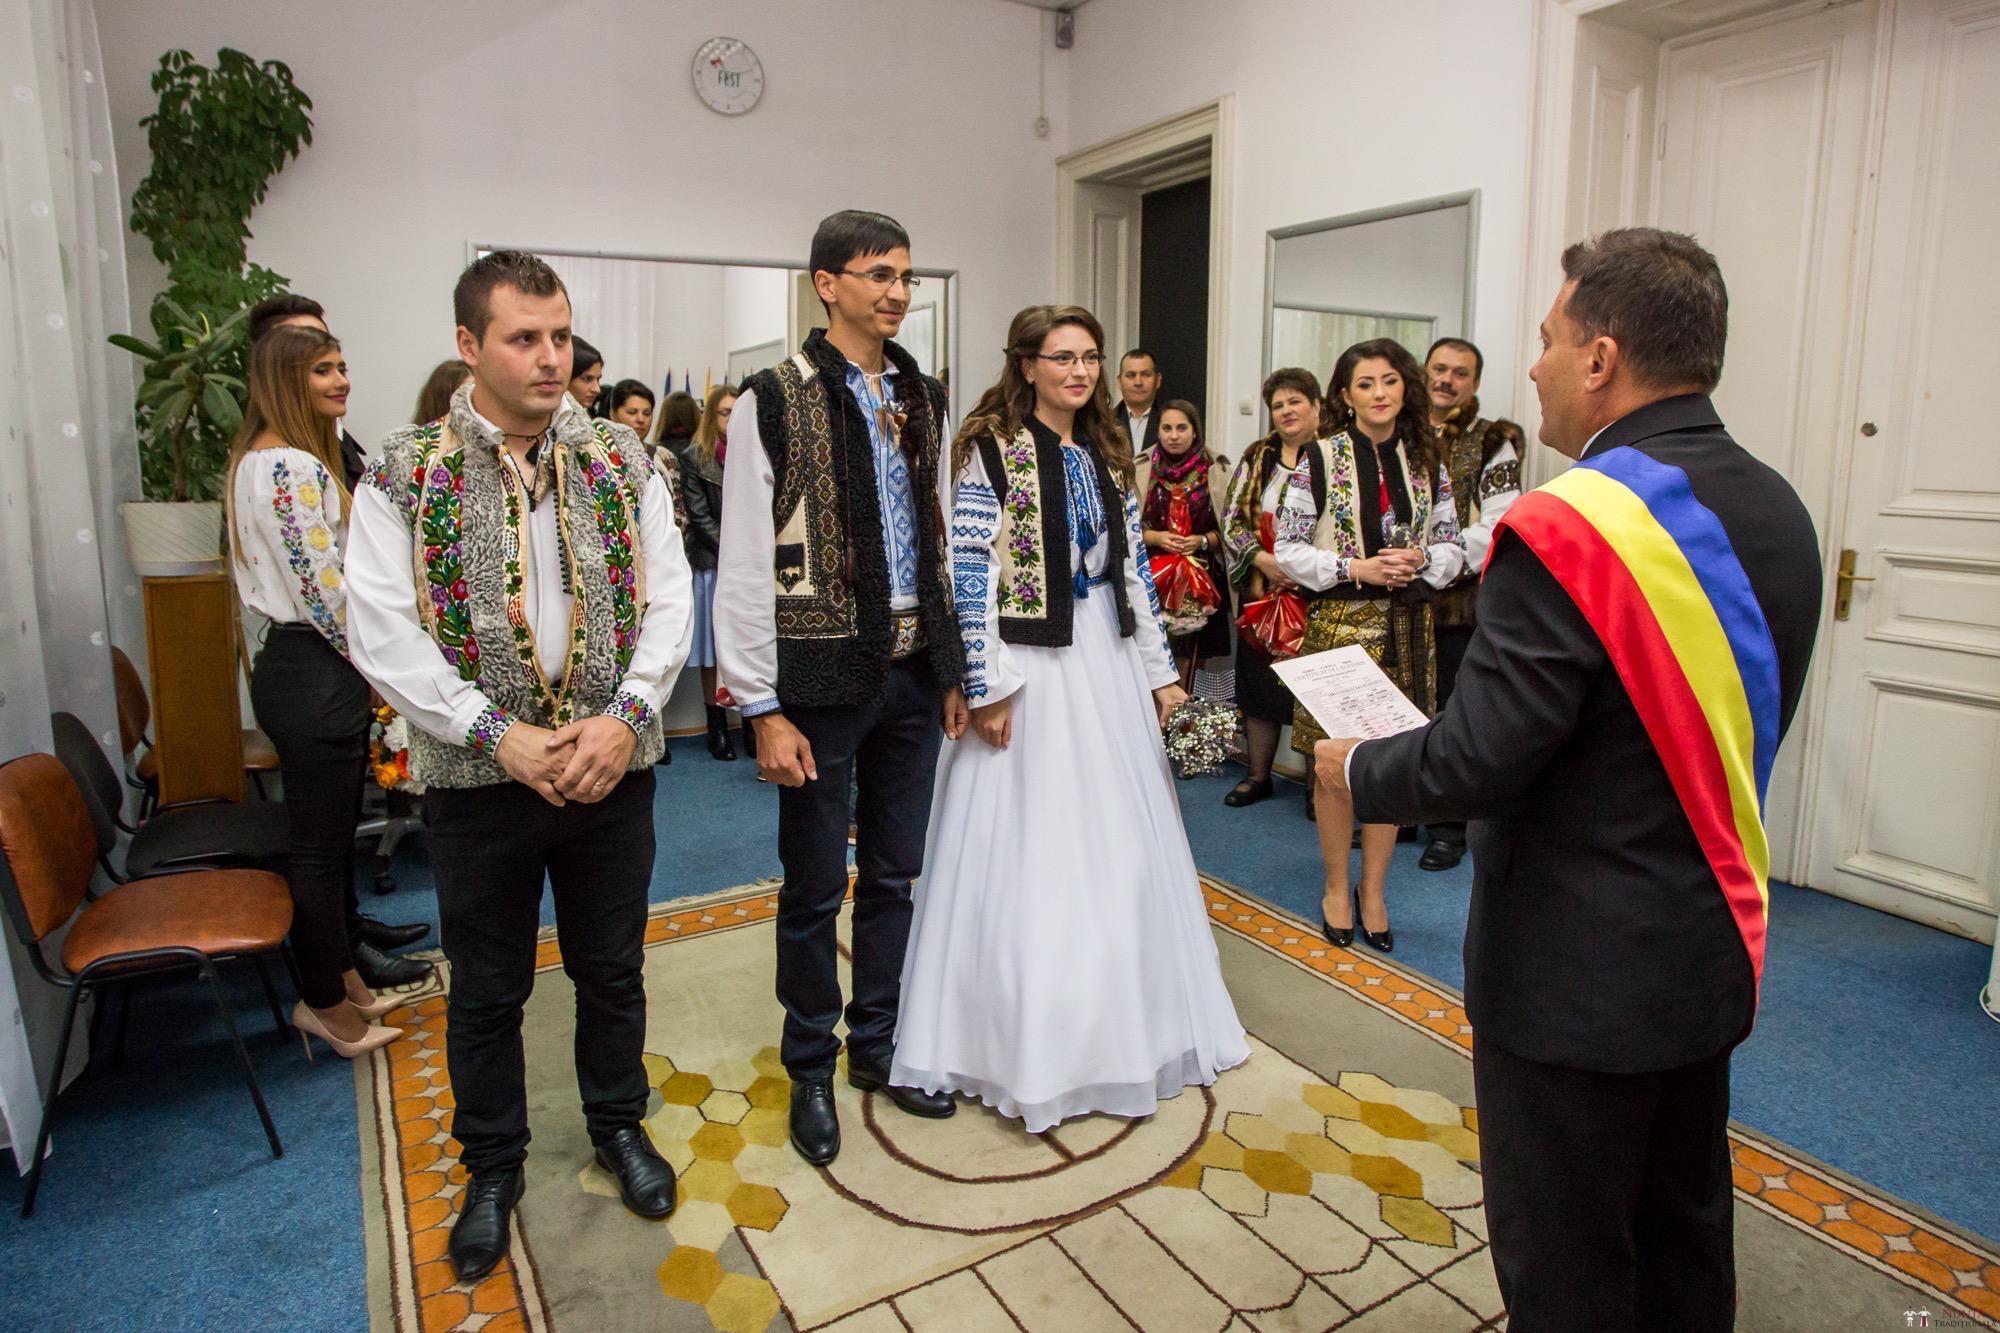 Povești Nunți Tradiționale - Ioana-Alexandra și Bogdan-Vasile. Nuntă tradițională în Fălticeni 10